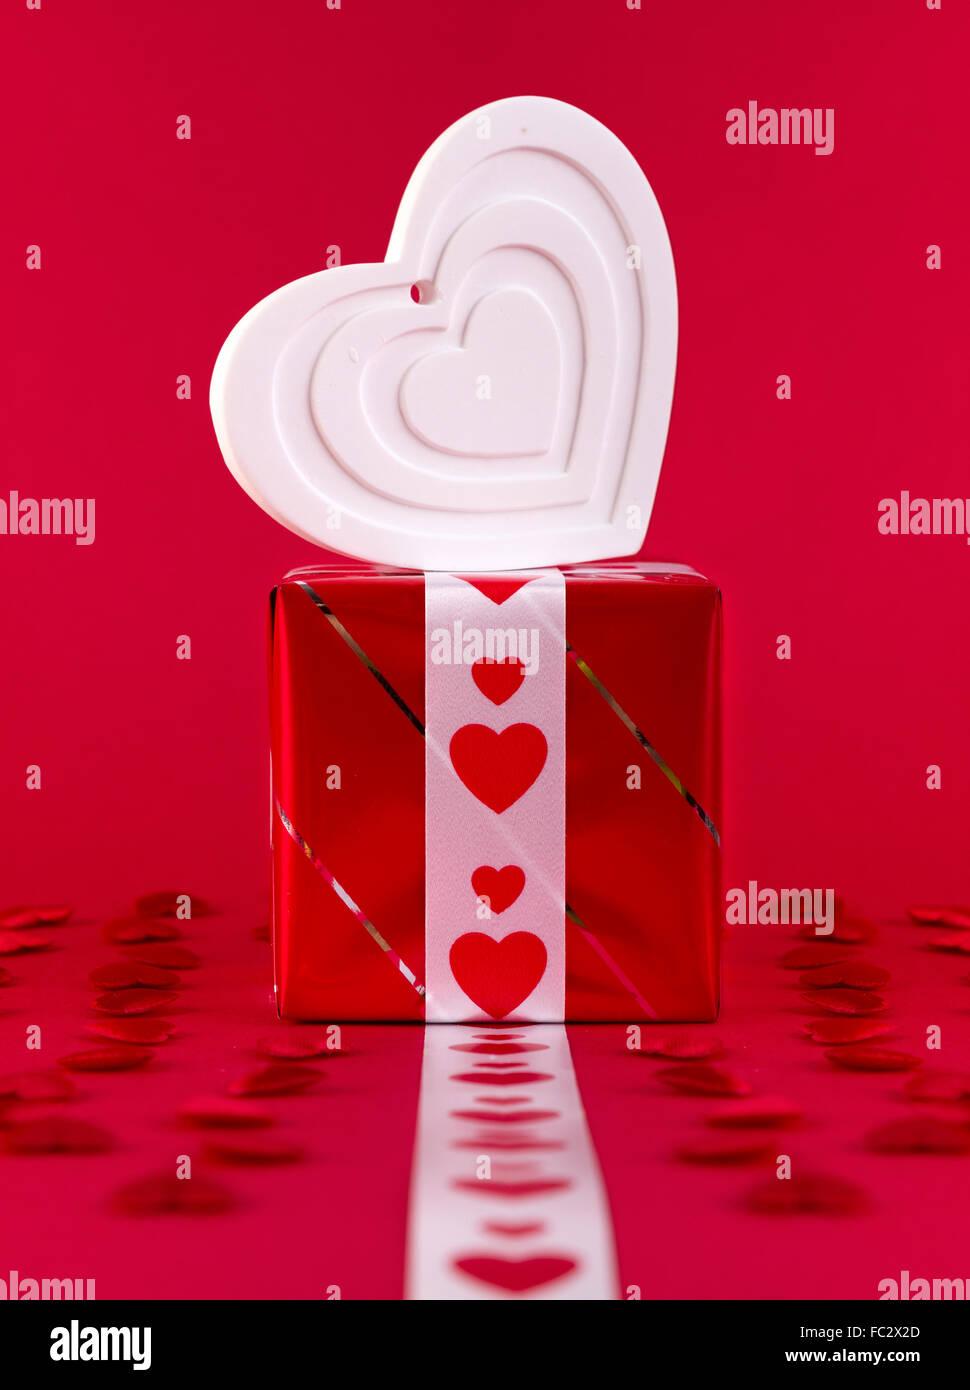 Blanc forme coeur plus de boîte-cadeau sur fond rouge. La Saint-Valentin et l'amour gratuit. Photo Stock